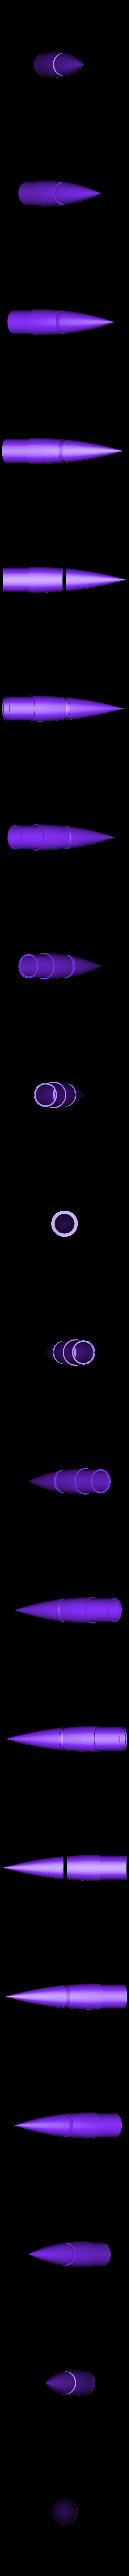 nosecone1_20190406-55-vbzost.stl Télécharger fichier STL gratuit Mon créateur de nez personnalisé • Objet pour impression 3D, nheiserowski